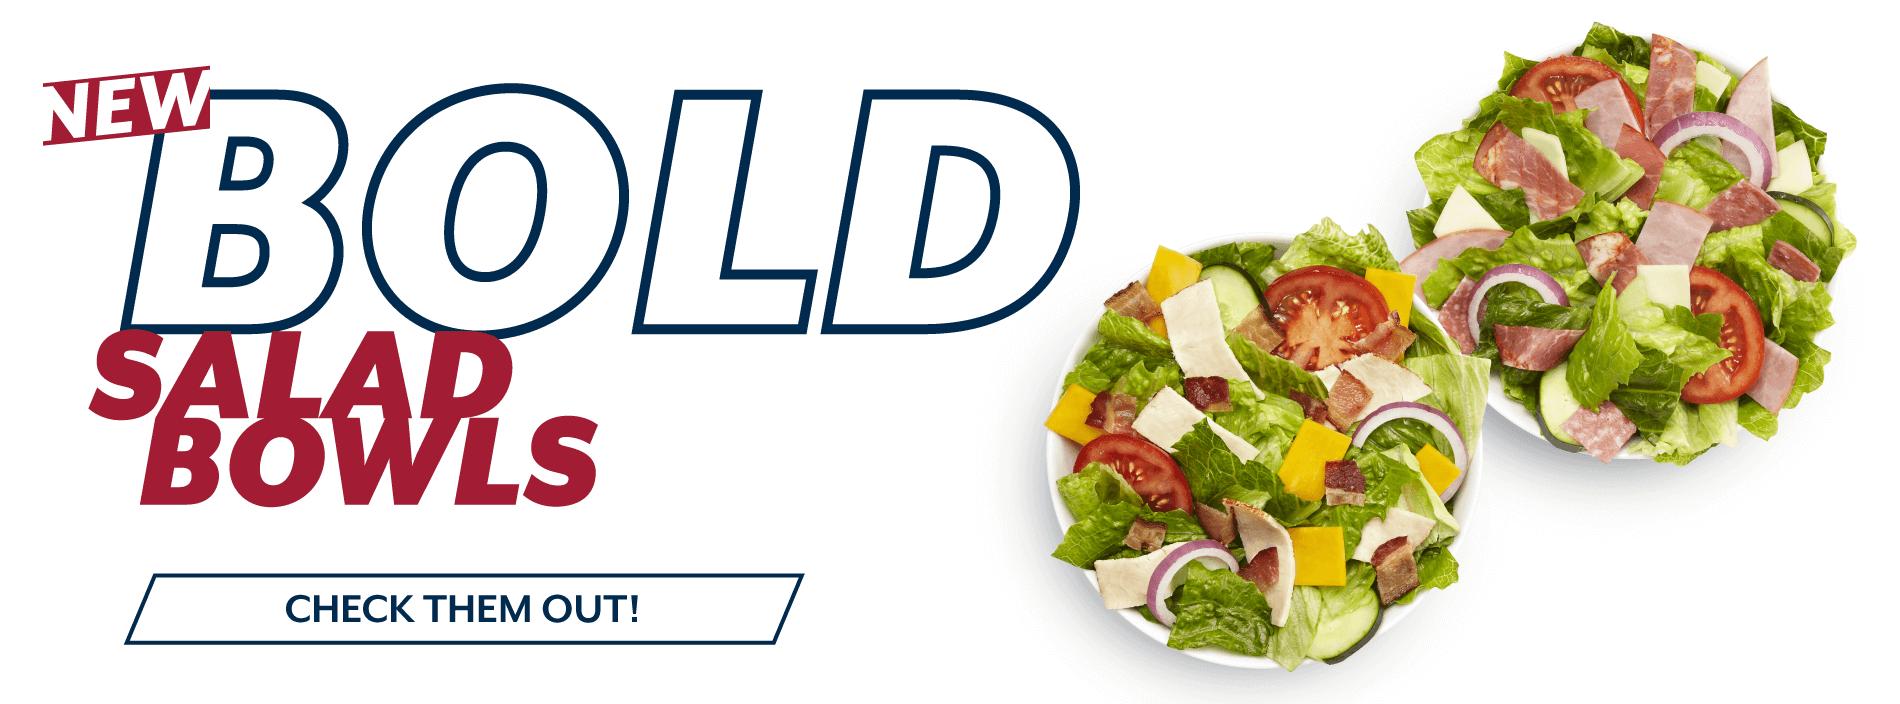 Erbert & Gerbert's Bold Salad Bowls